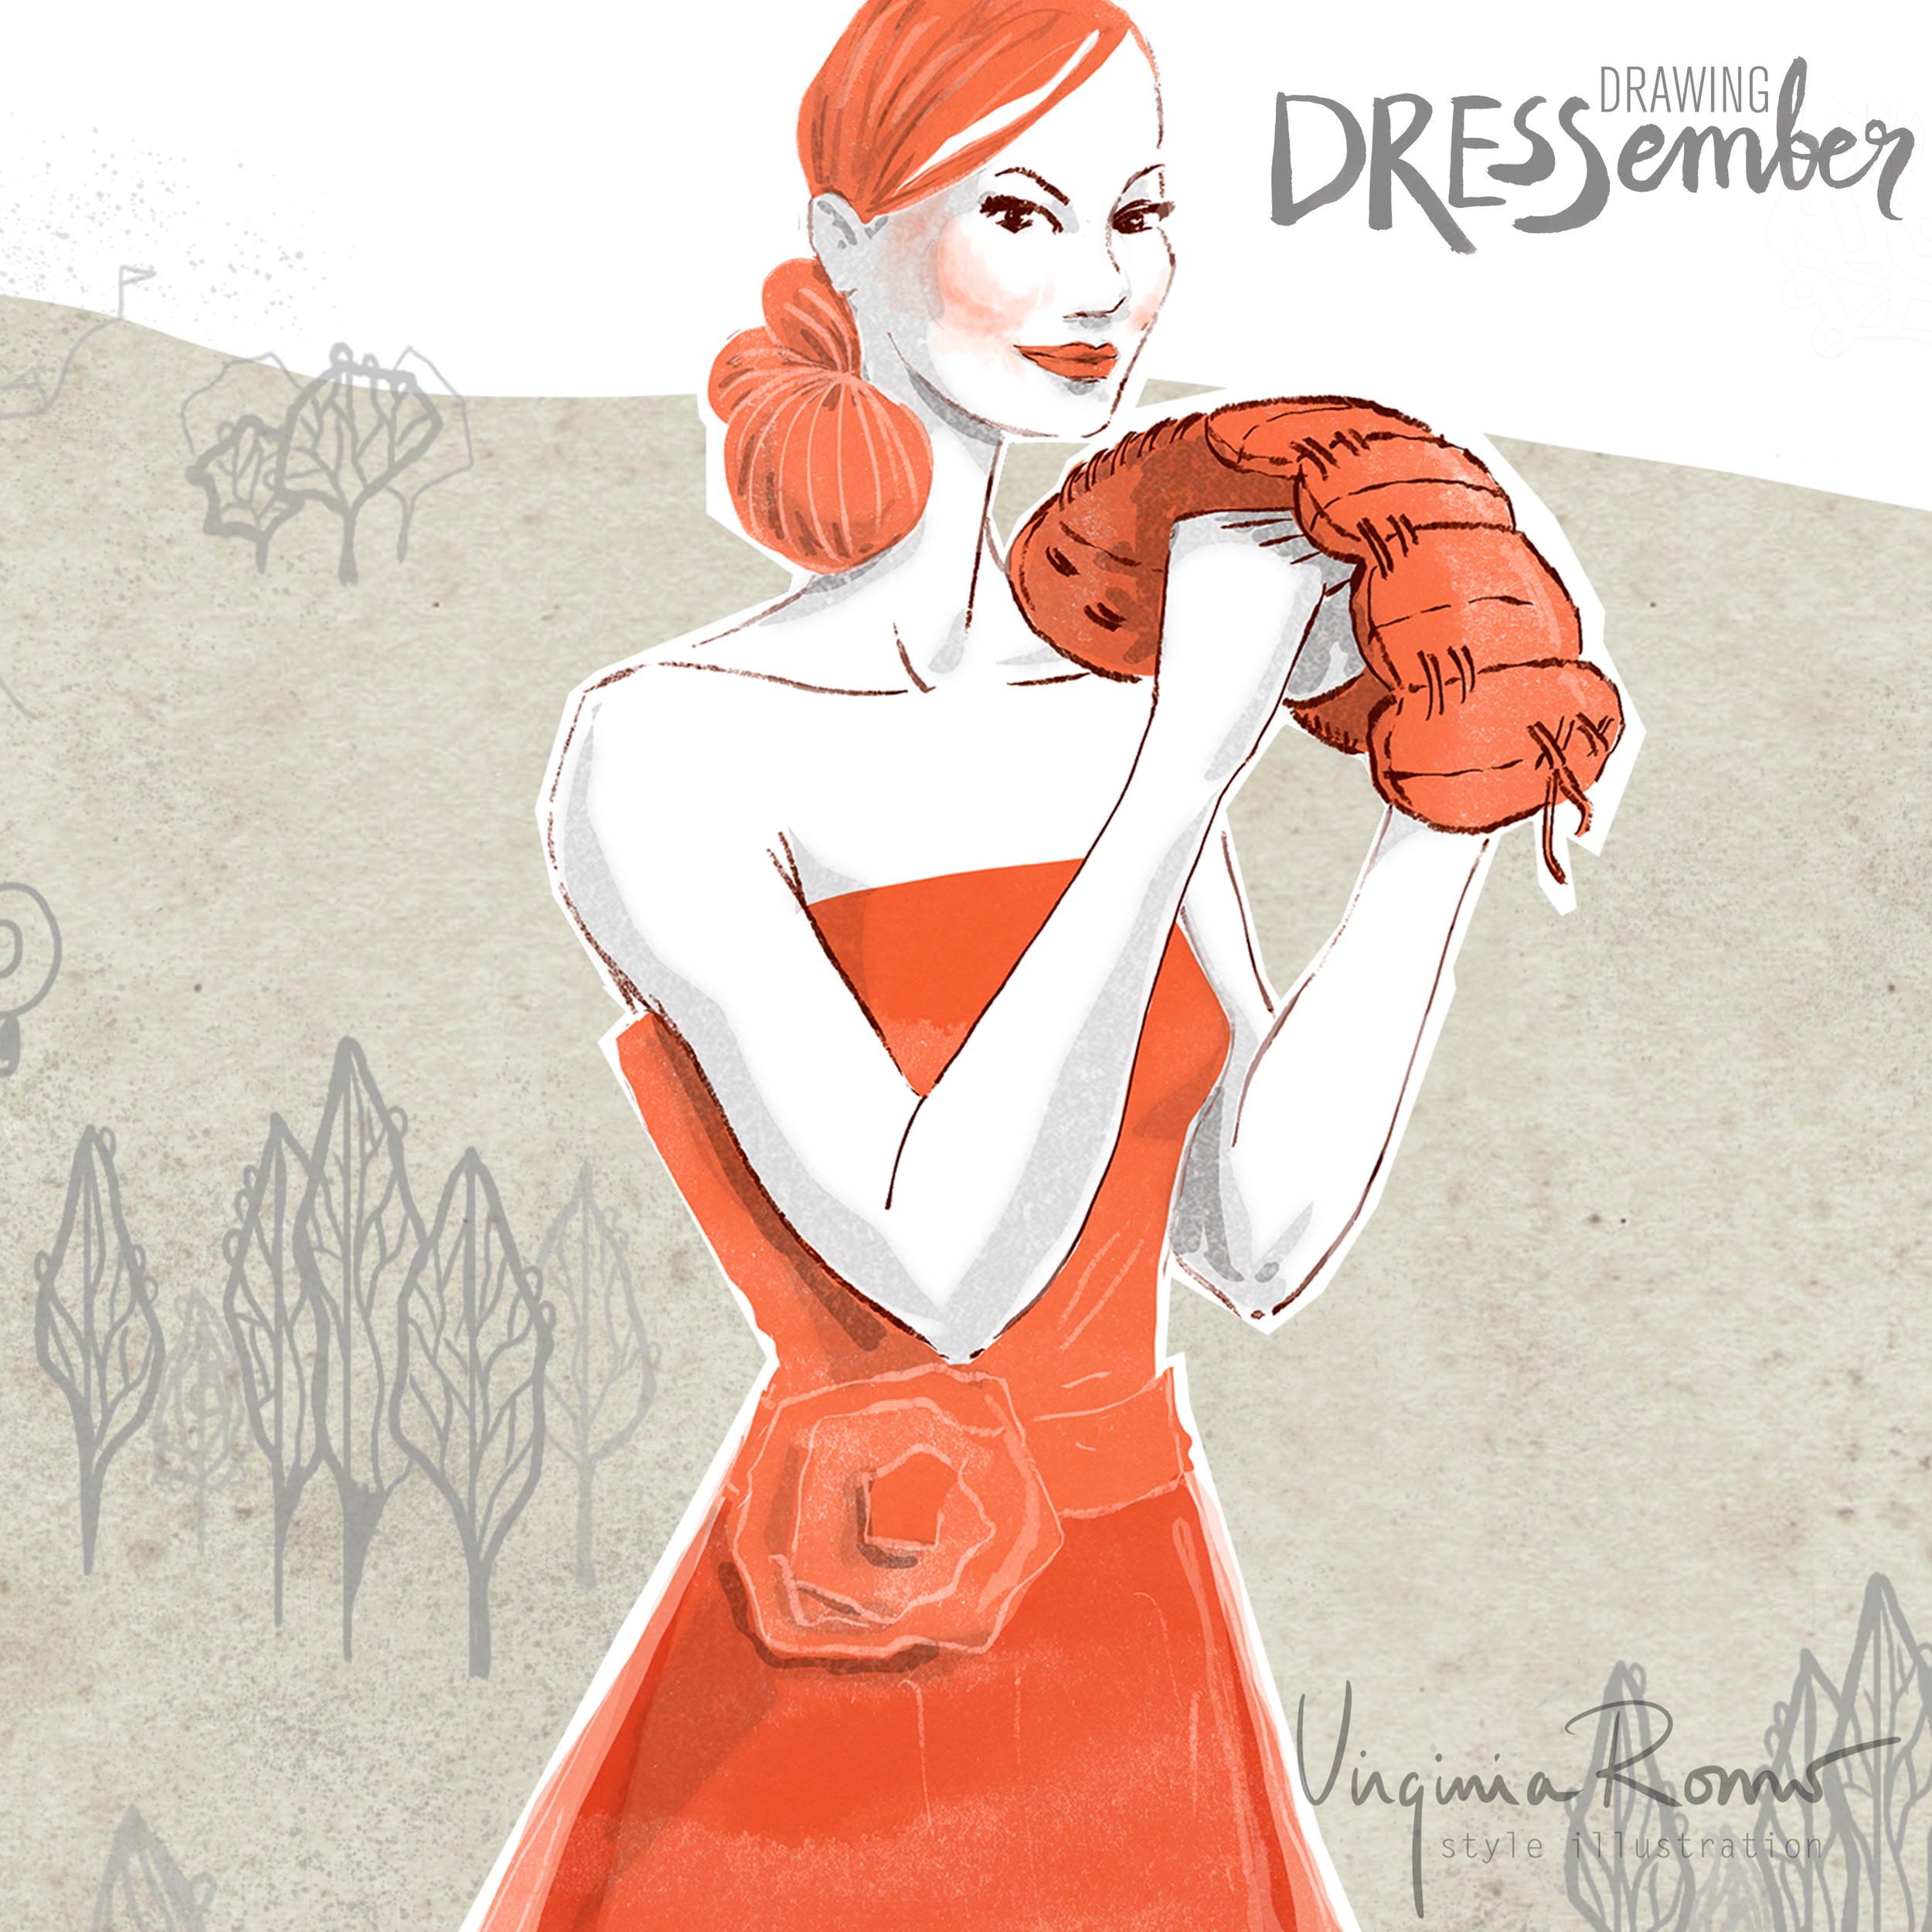 dressember-VirginiaRomoIllustration-06-Kika-IG-BIG.jpg